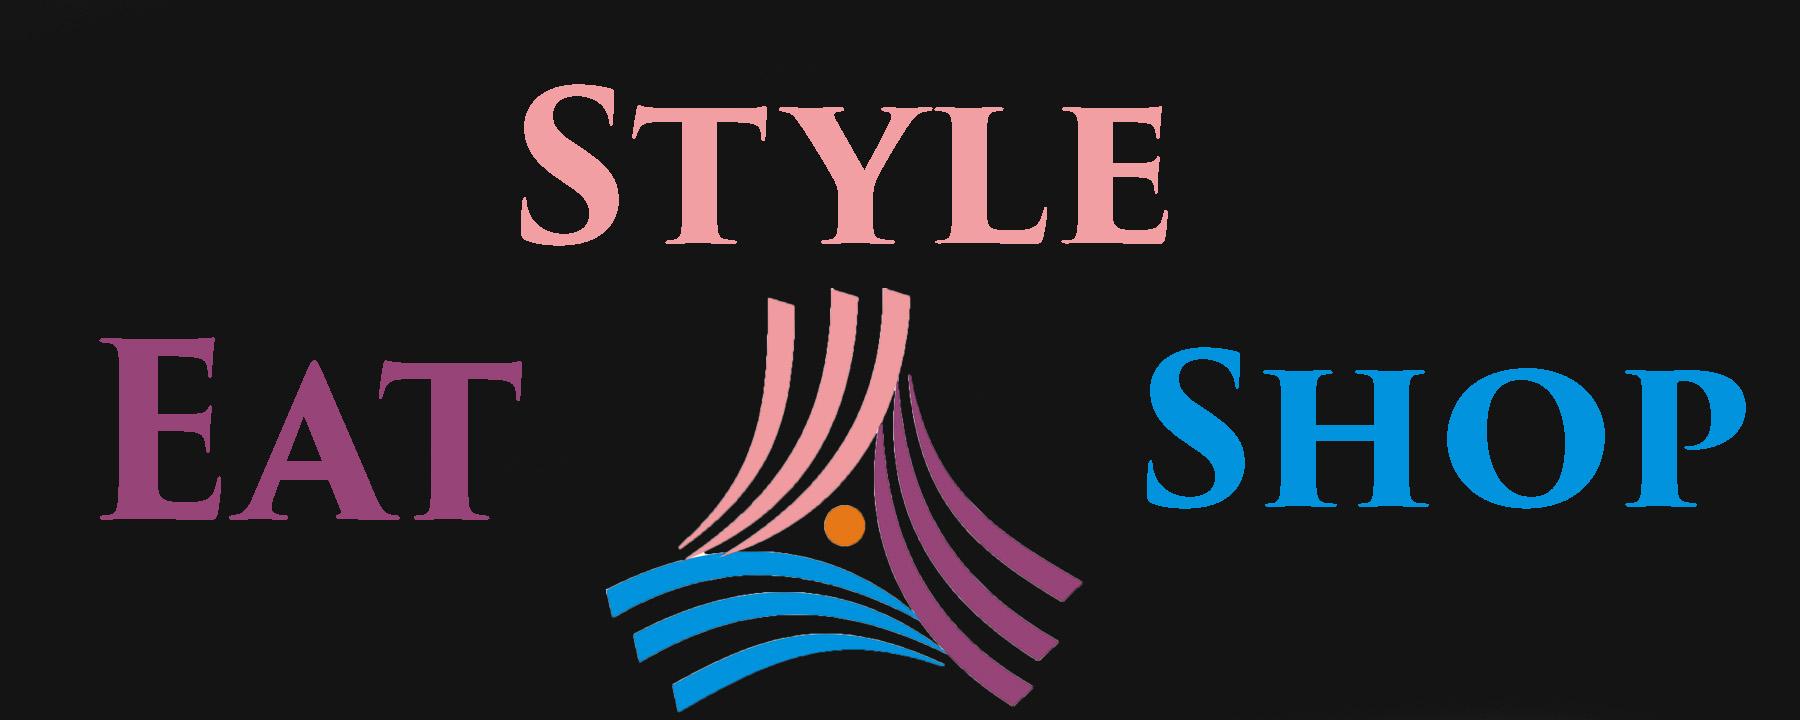 Eat Style Shop